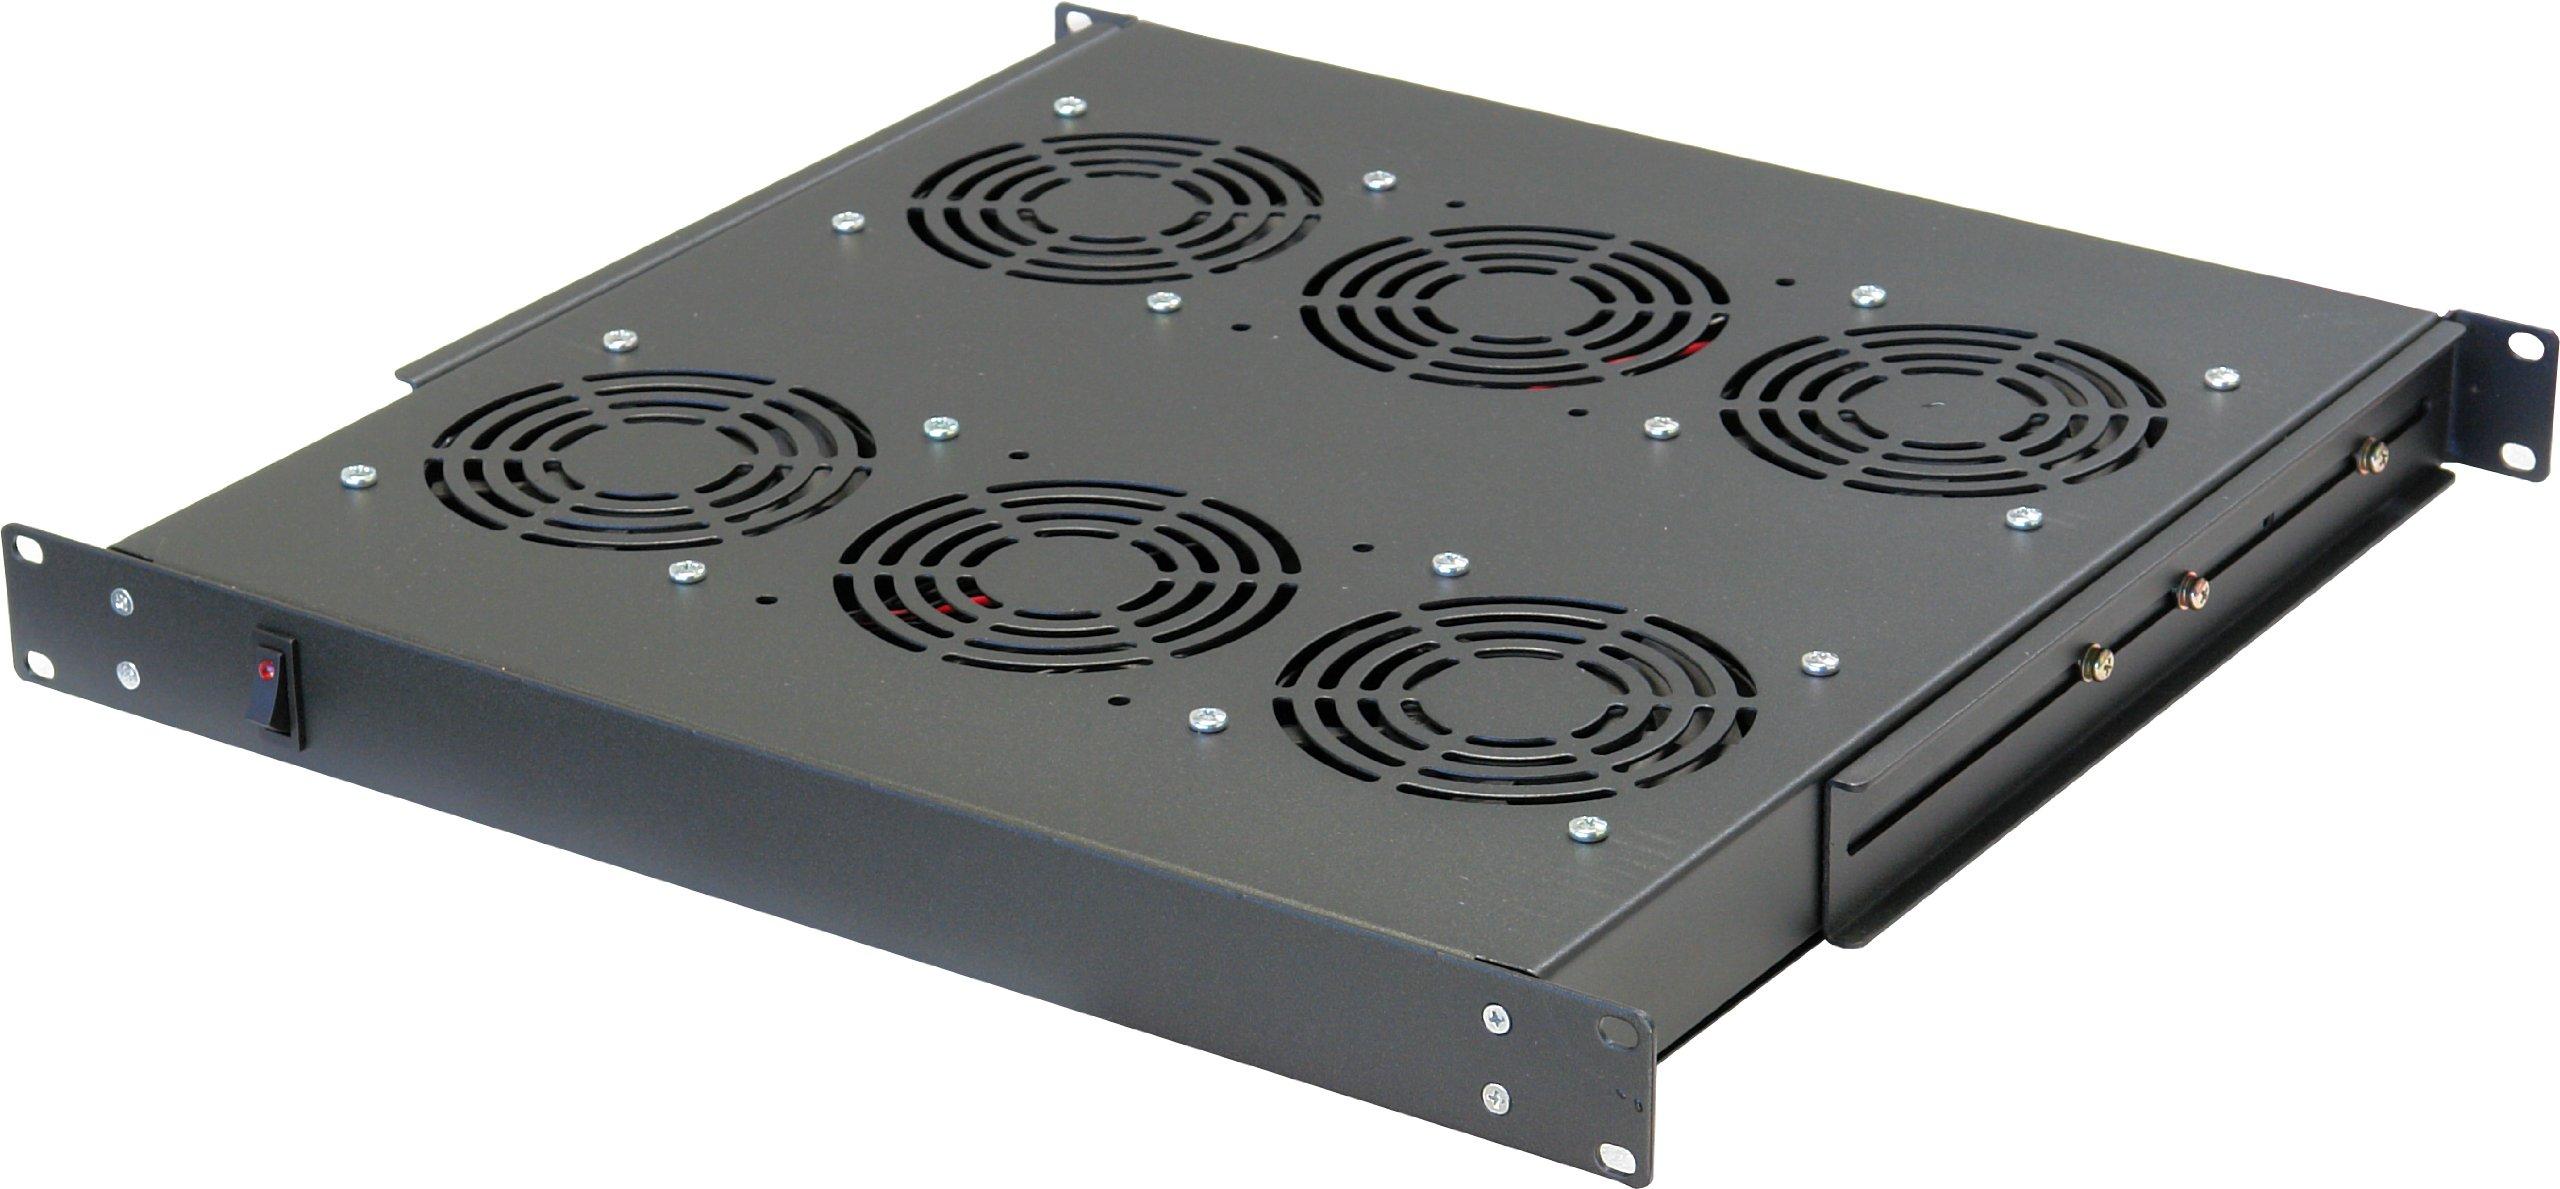 Norco SA-1841 Rack Cabinet Accessory 1U Unit w/4 AC Fans